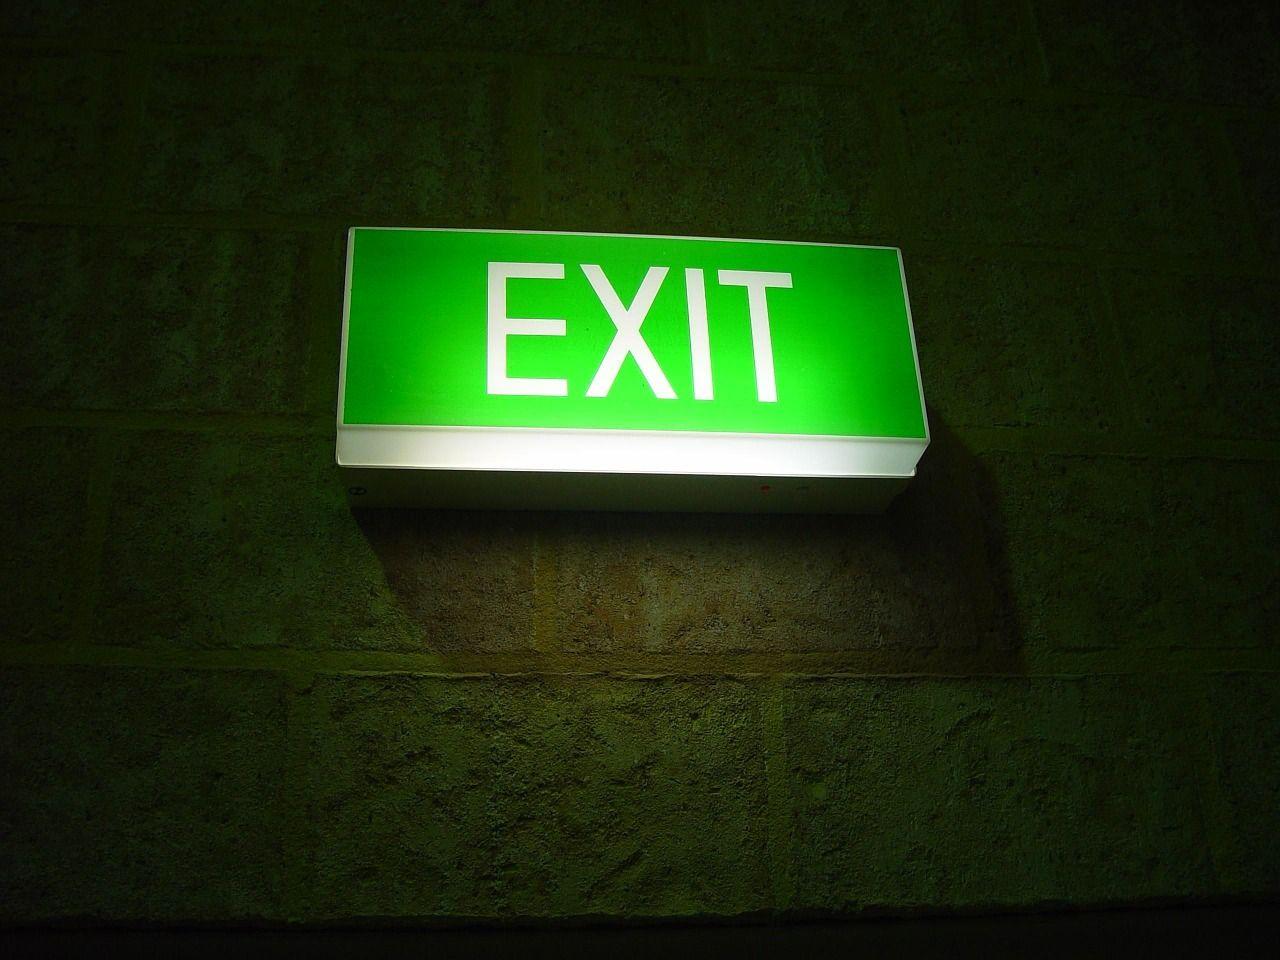 【嘘松】14日のECB理事会で出口戦略議論!ユーロ買い戻し/(^q^)\【6月6〜7日のポイントまとめ】